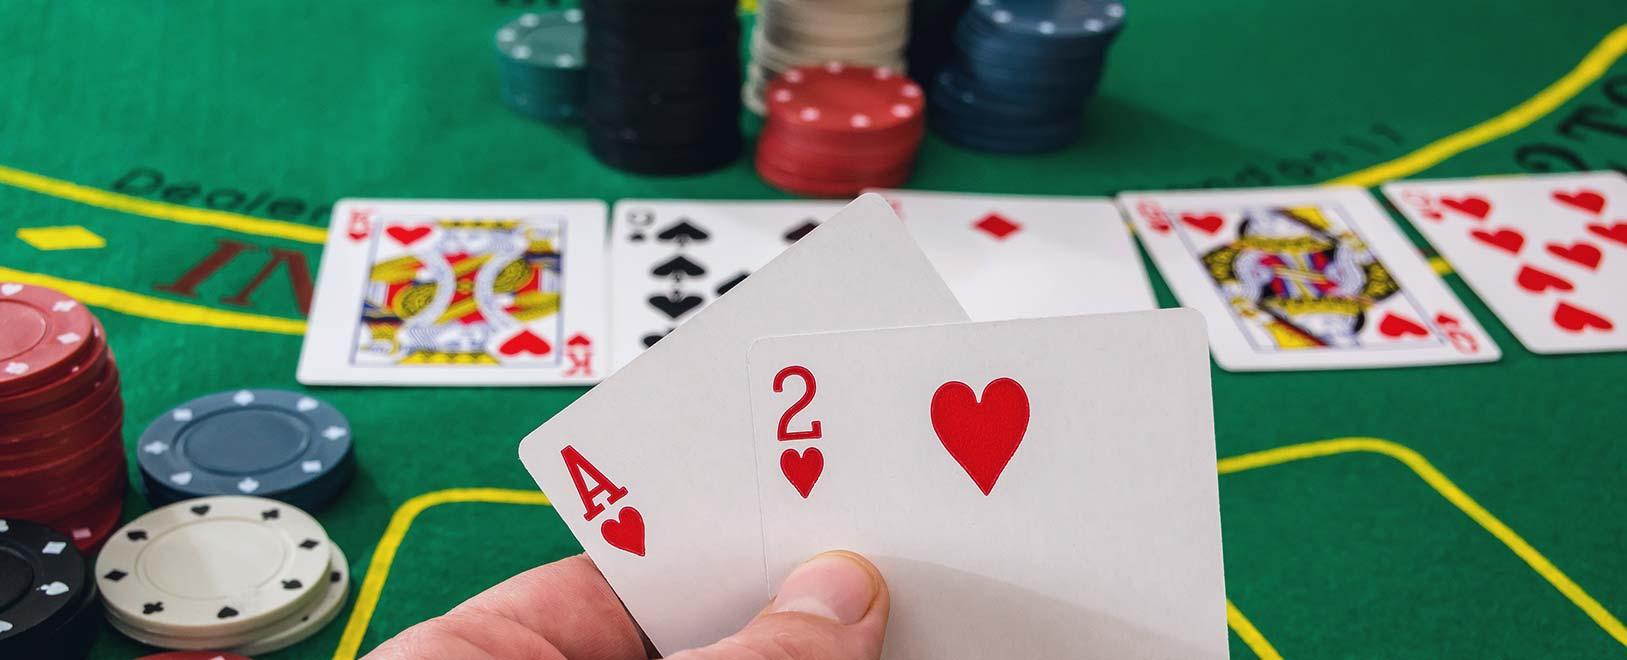 Online Poker for Beginners